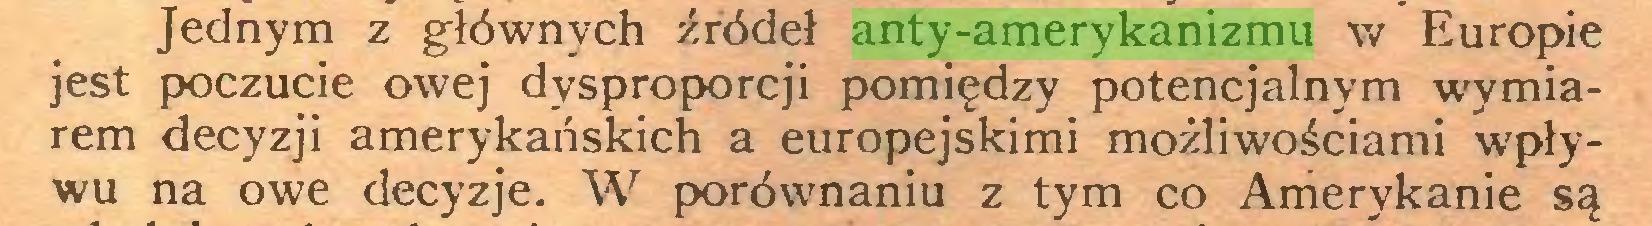 (...) Jednym z głównych źródeł anty-amerykanizmu w Europie jest poczucie owej dysproporcji pomiędzy potencjalnym wymiarem decyzji amerykańskich a europejskimi możliwościami wpływu na owe decyzje. W porównaniu z tym co Amerykanie są...